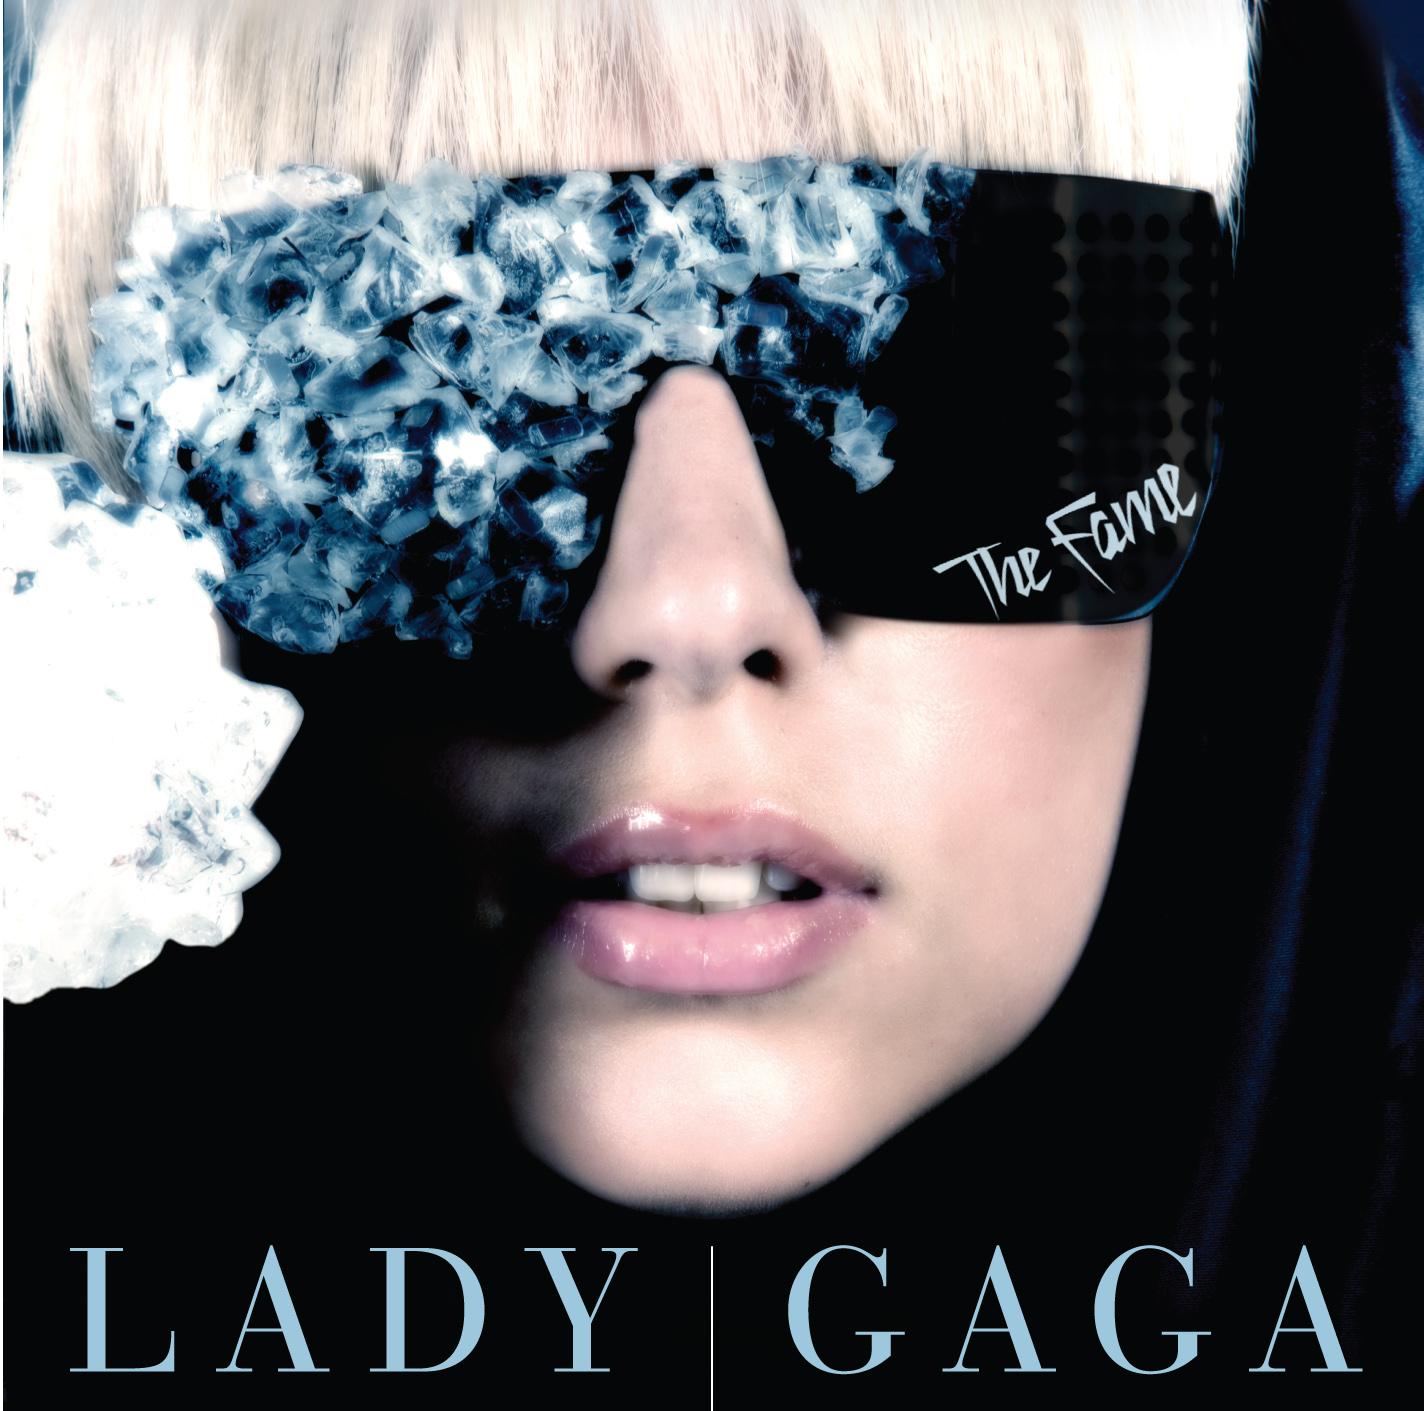 http://4.bp.blogspot.com/-2Mdnd_80FLI/TlUL2jgKzrI/AAAAAAAABSg/Y--WEvTjg_c/s1600/Lady+Gaga.jpg